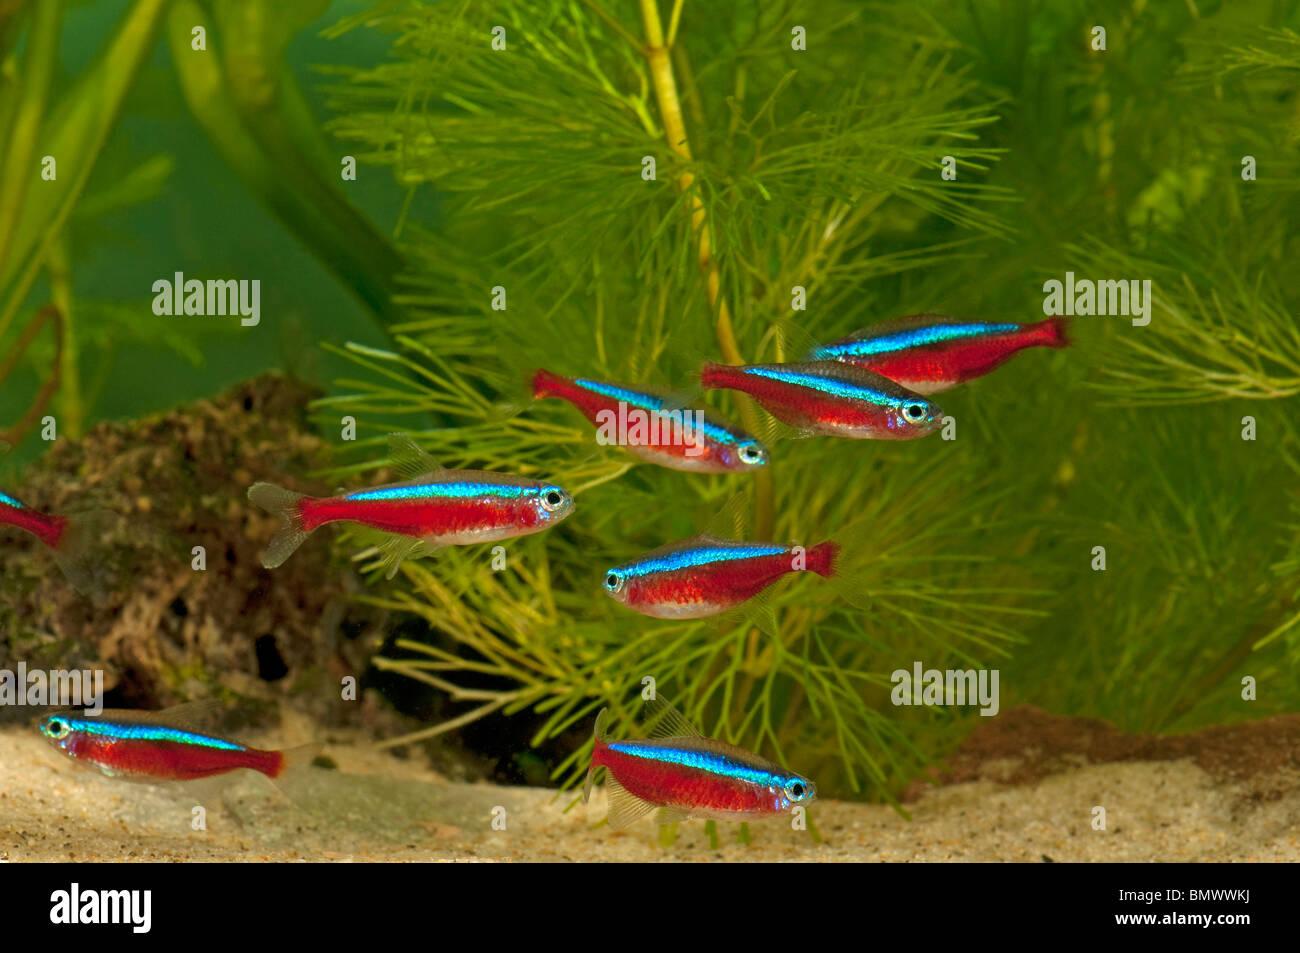 Neon tetra cardinal tetra paracheirodon axelrodi swarm for Neon aquarium